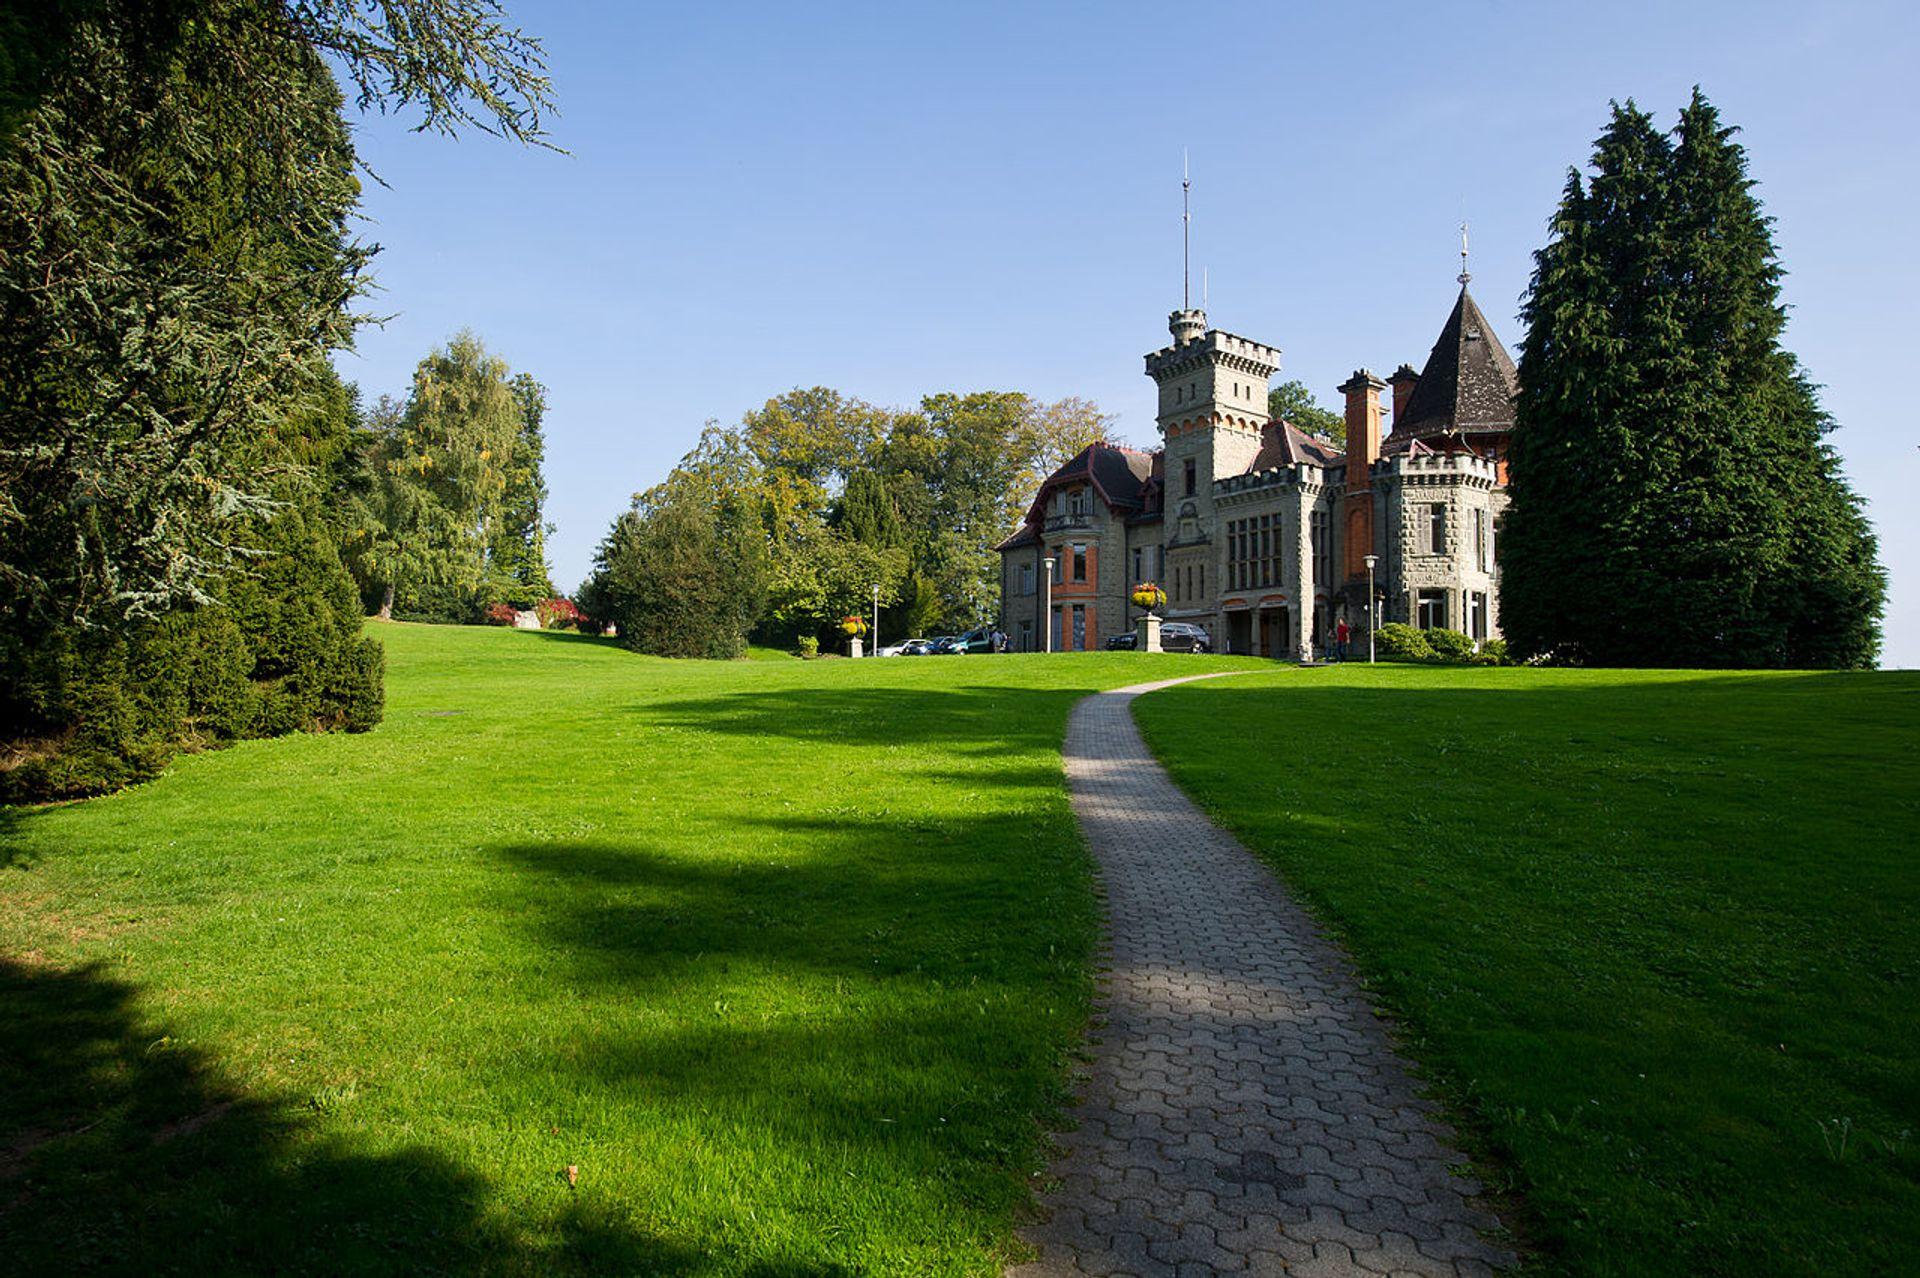 Landau's new headquarters in Dreilindenpark Wikimedia Commons/Julia Leijola